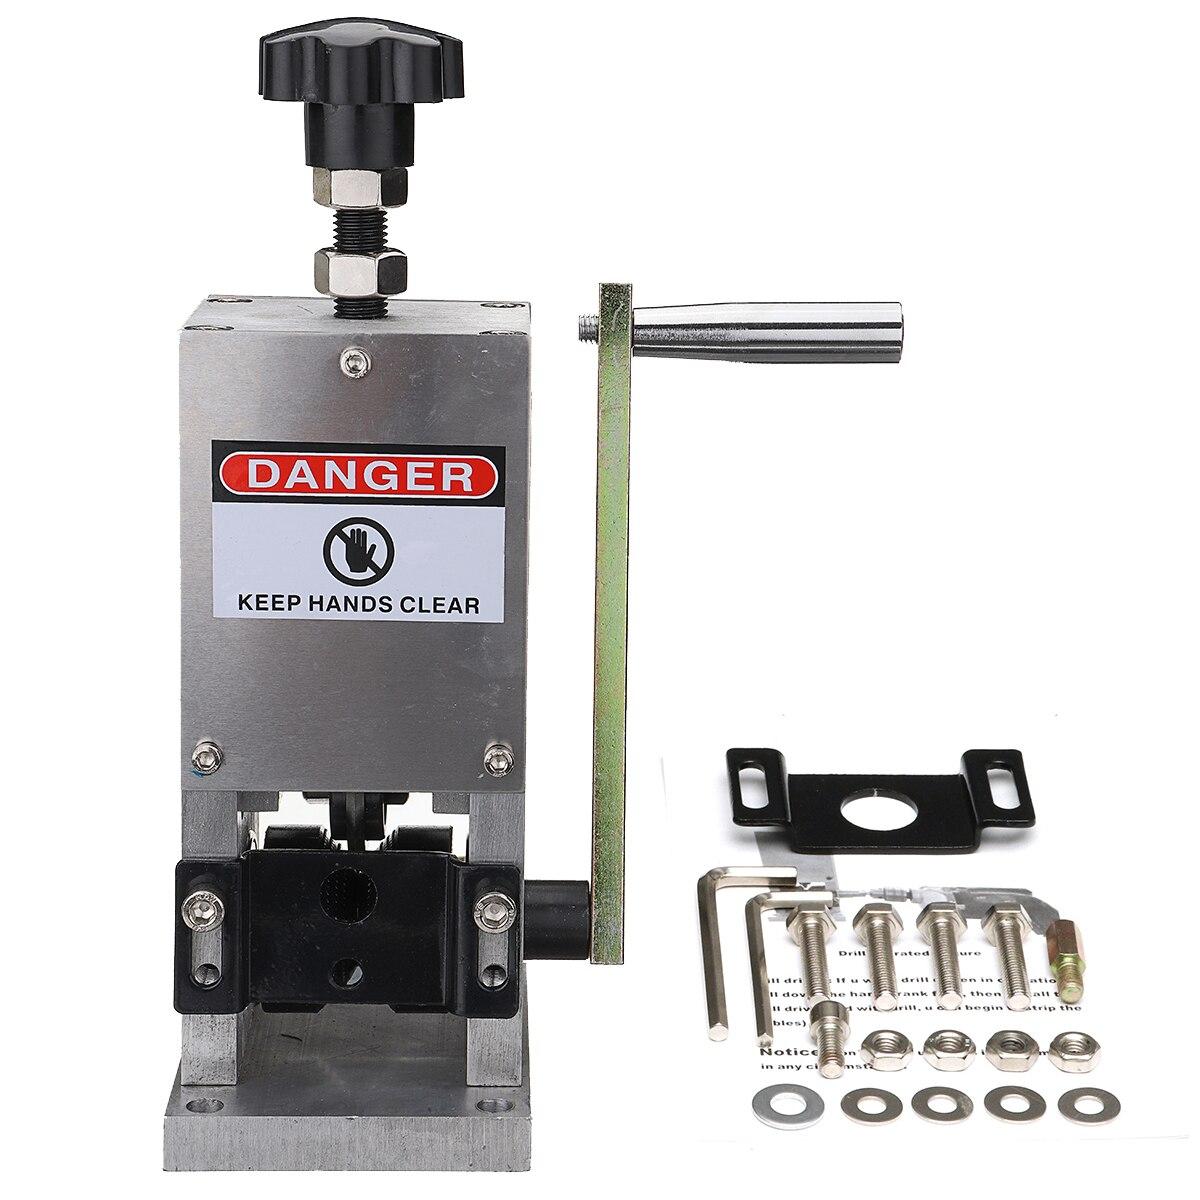 1 Set Manuale Filo Cavo di piegatura macchina e peeling Macchina Per Filo metallico Riciclare Cable Wire Stripper Stripping